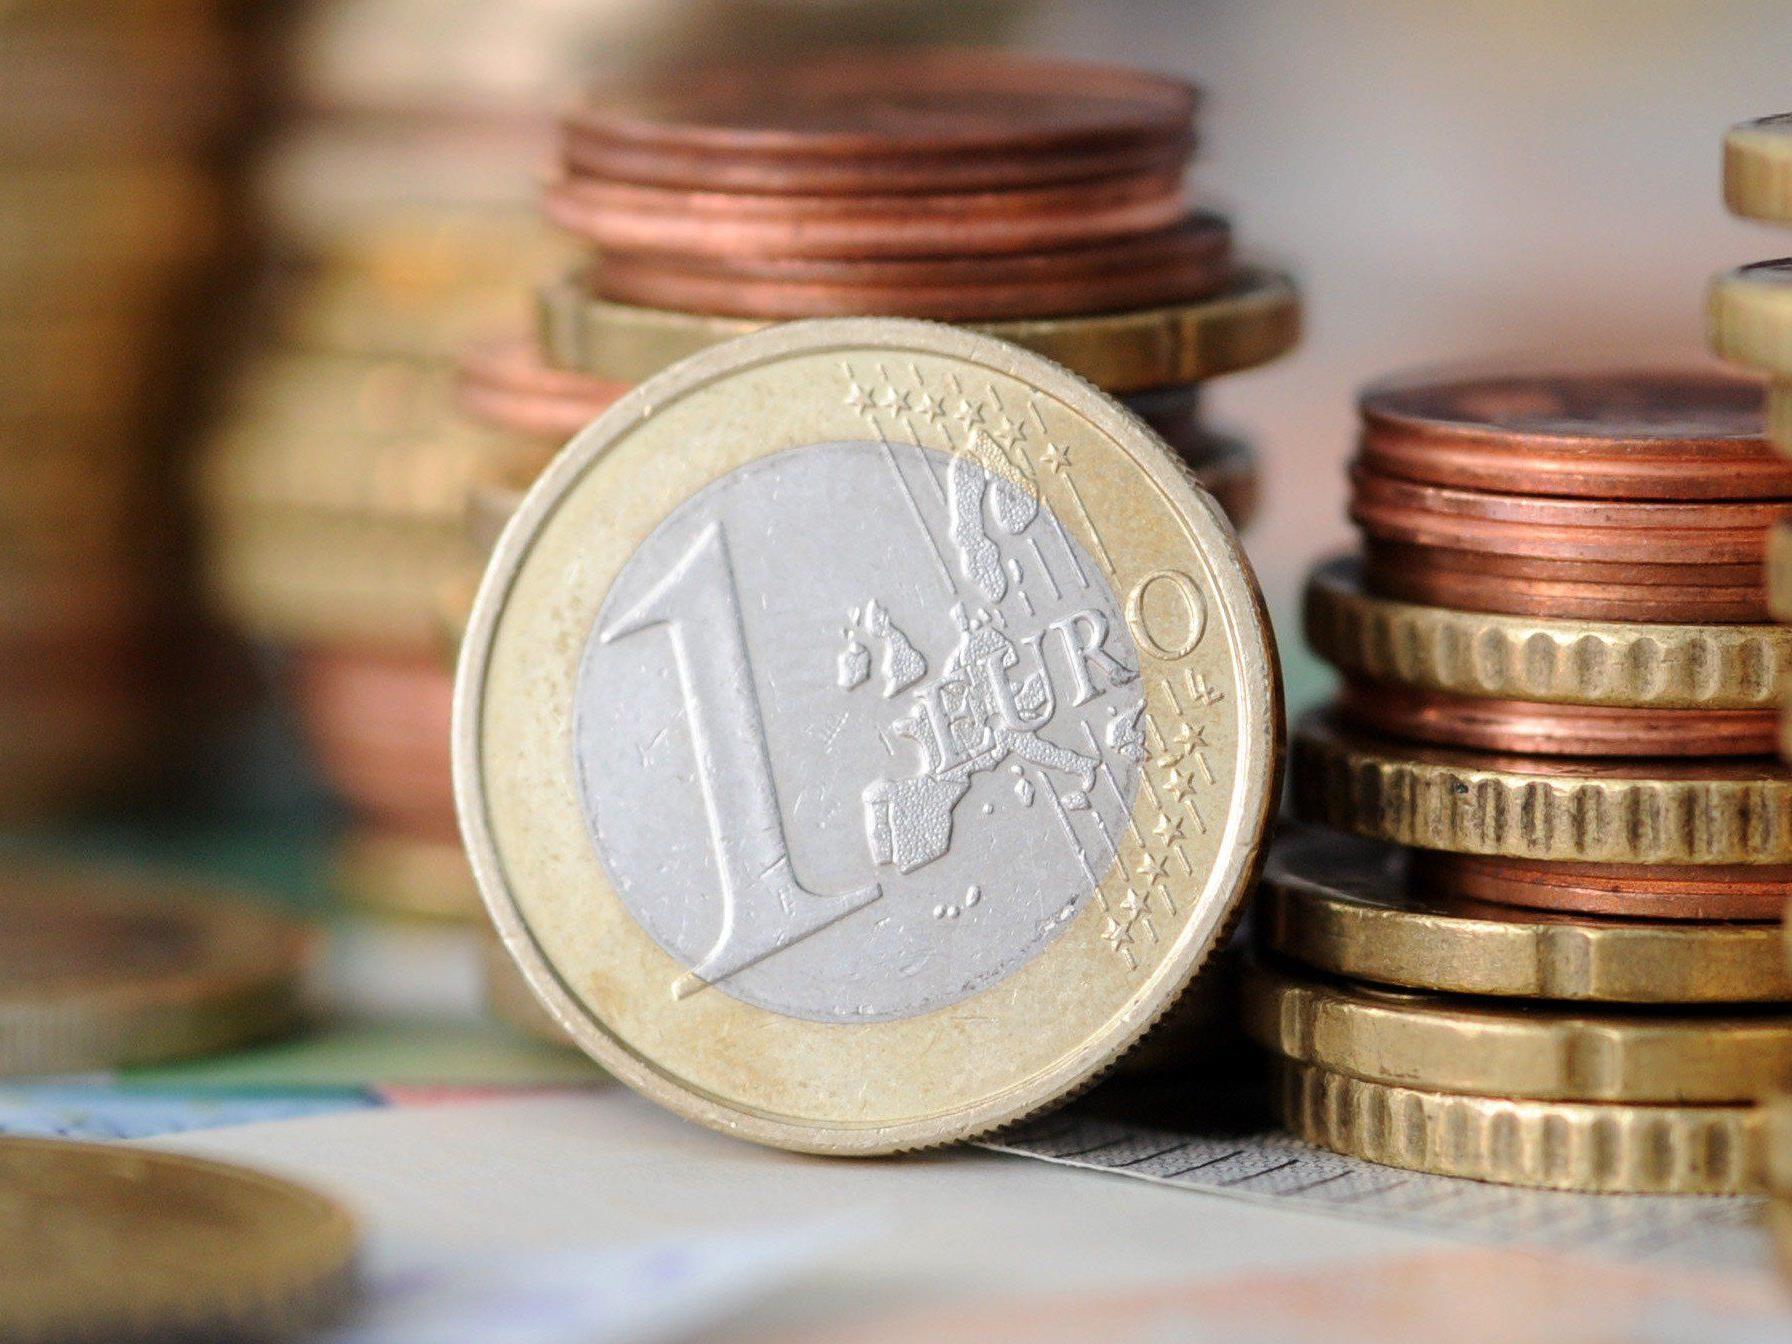 Österreicher machen sich laut Umfrage sorgen um ihr Erspartes.